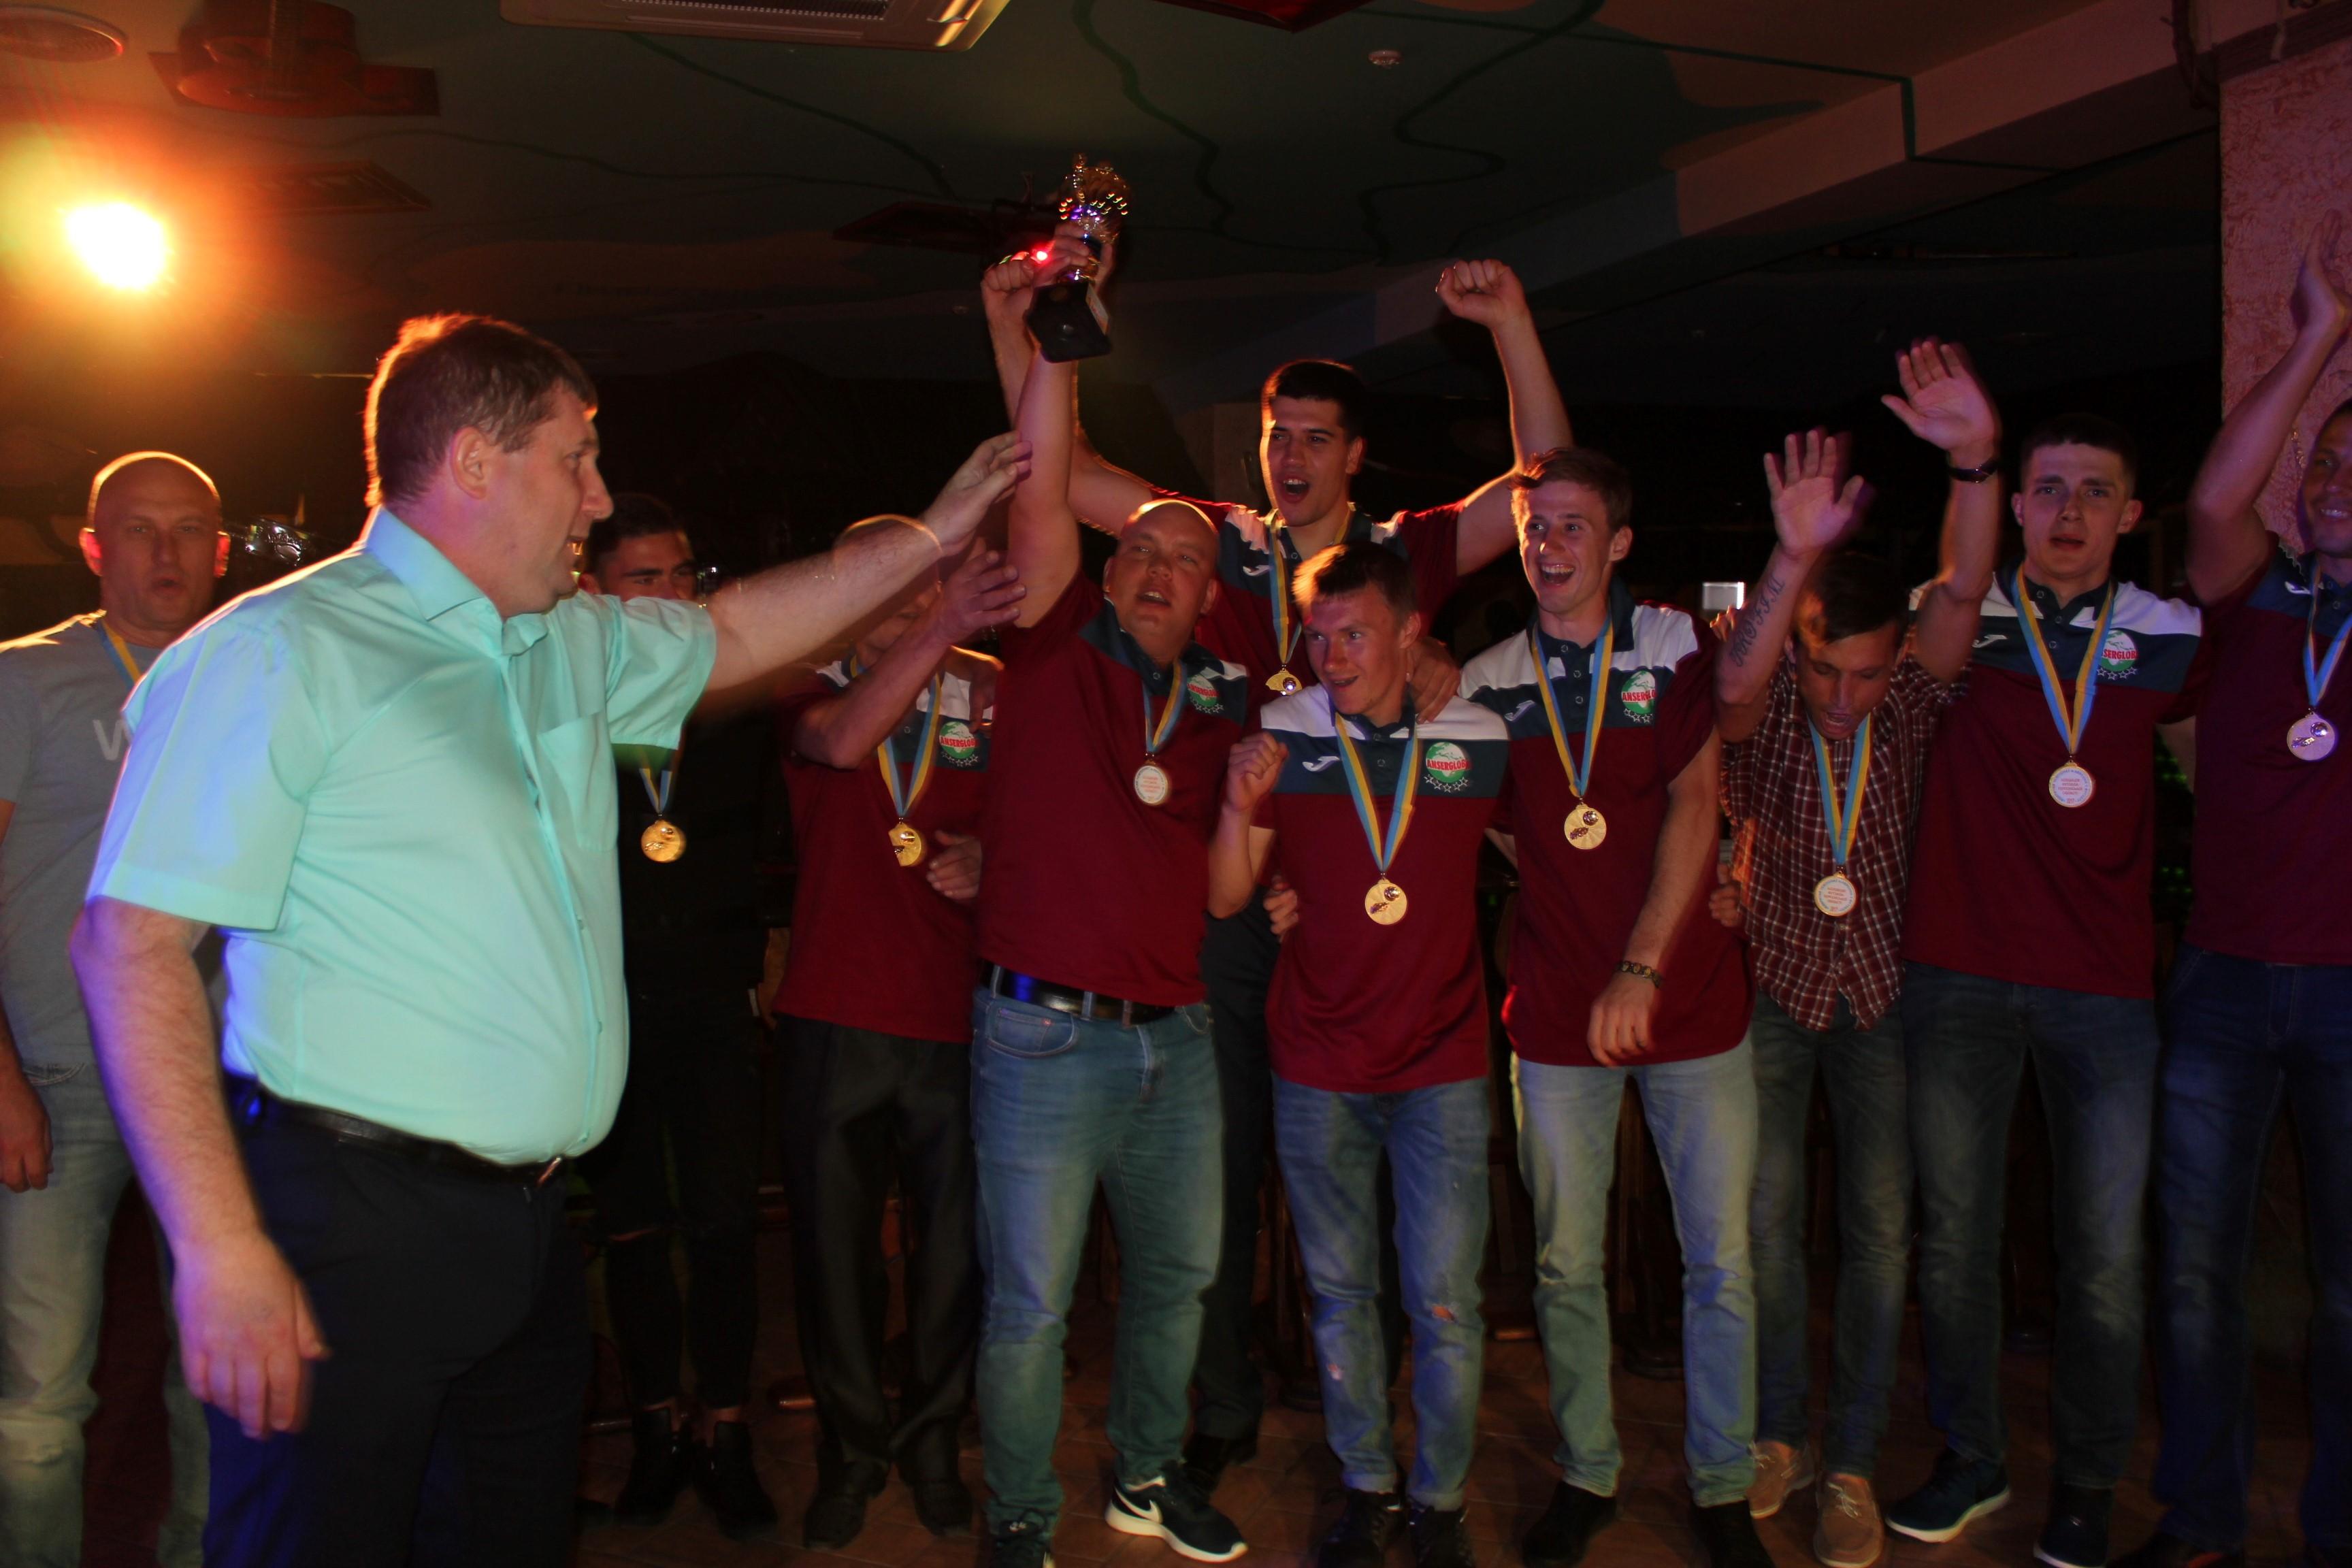 Церемонія нагородження команд призерів Відкритого чемпіонату Херсонської обласної асоціації з футзалу. Фотозвіт.